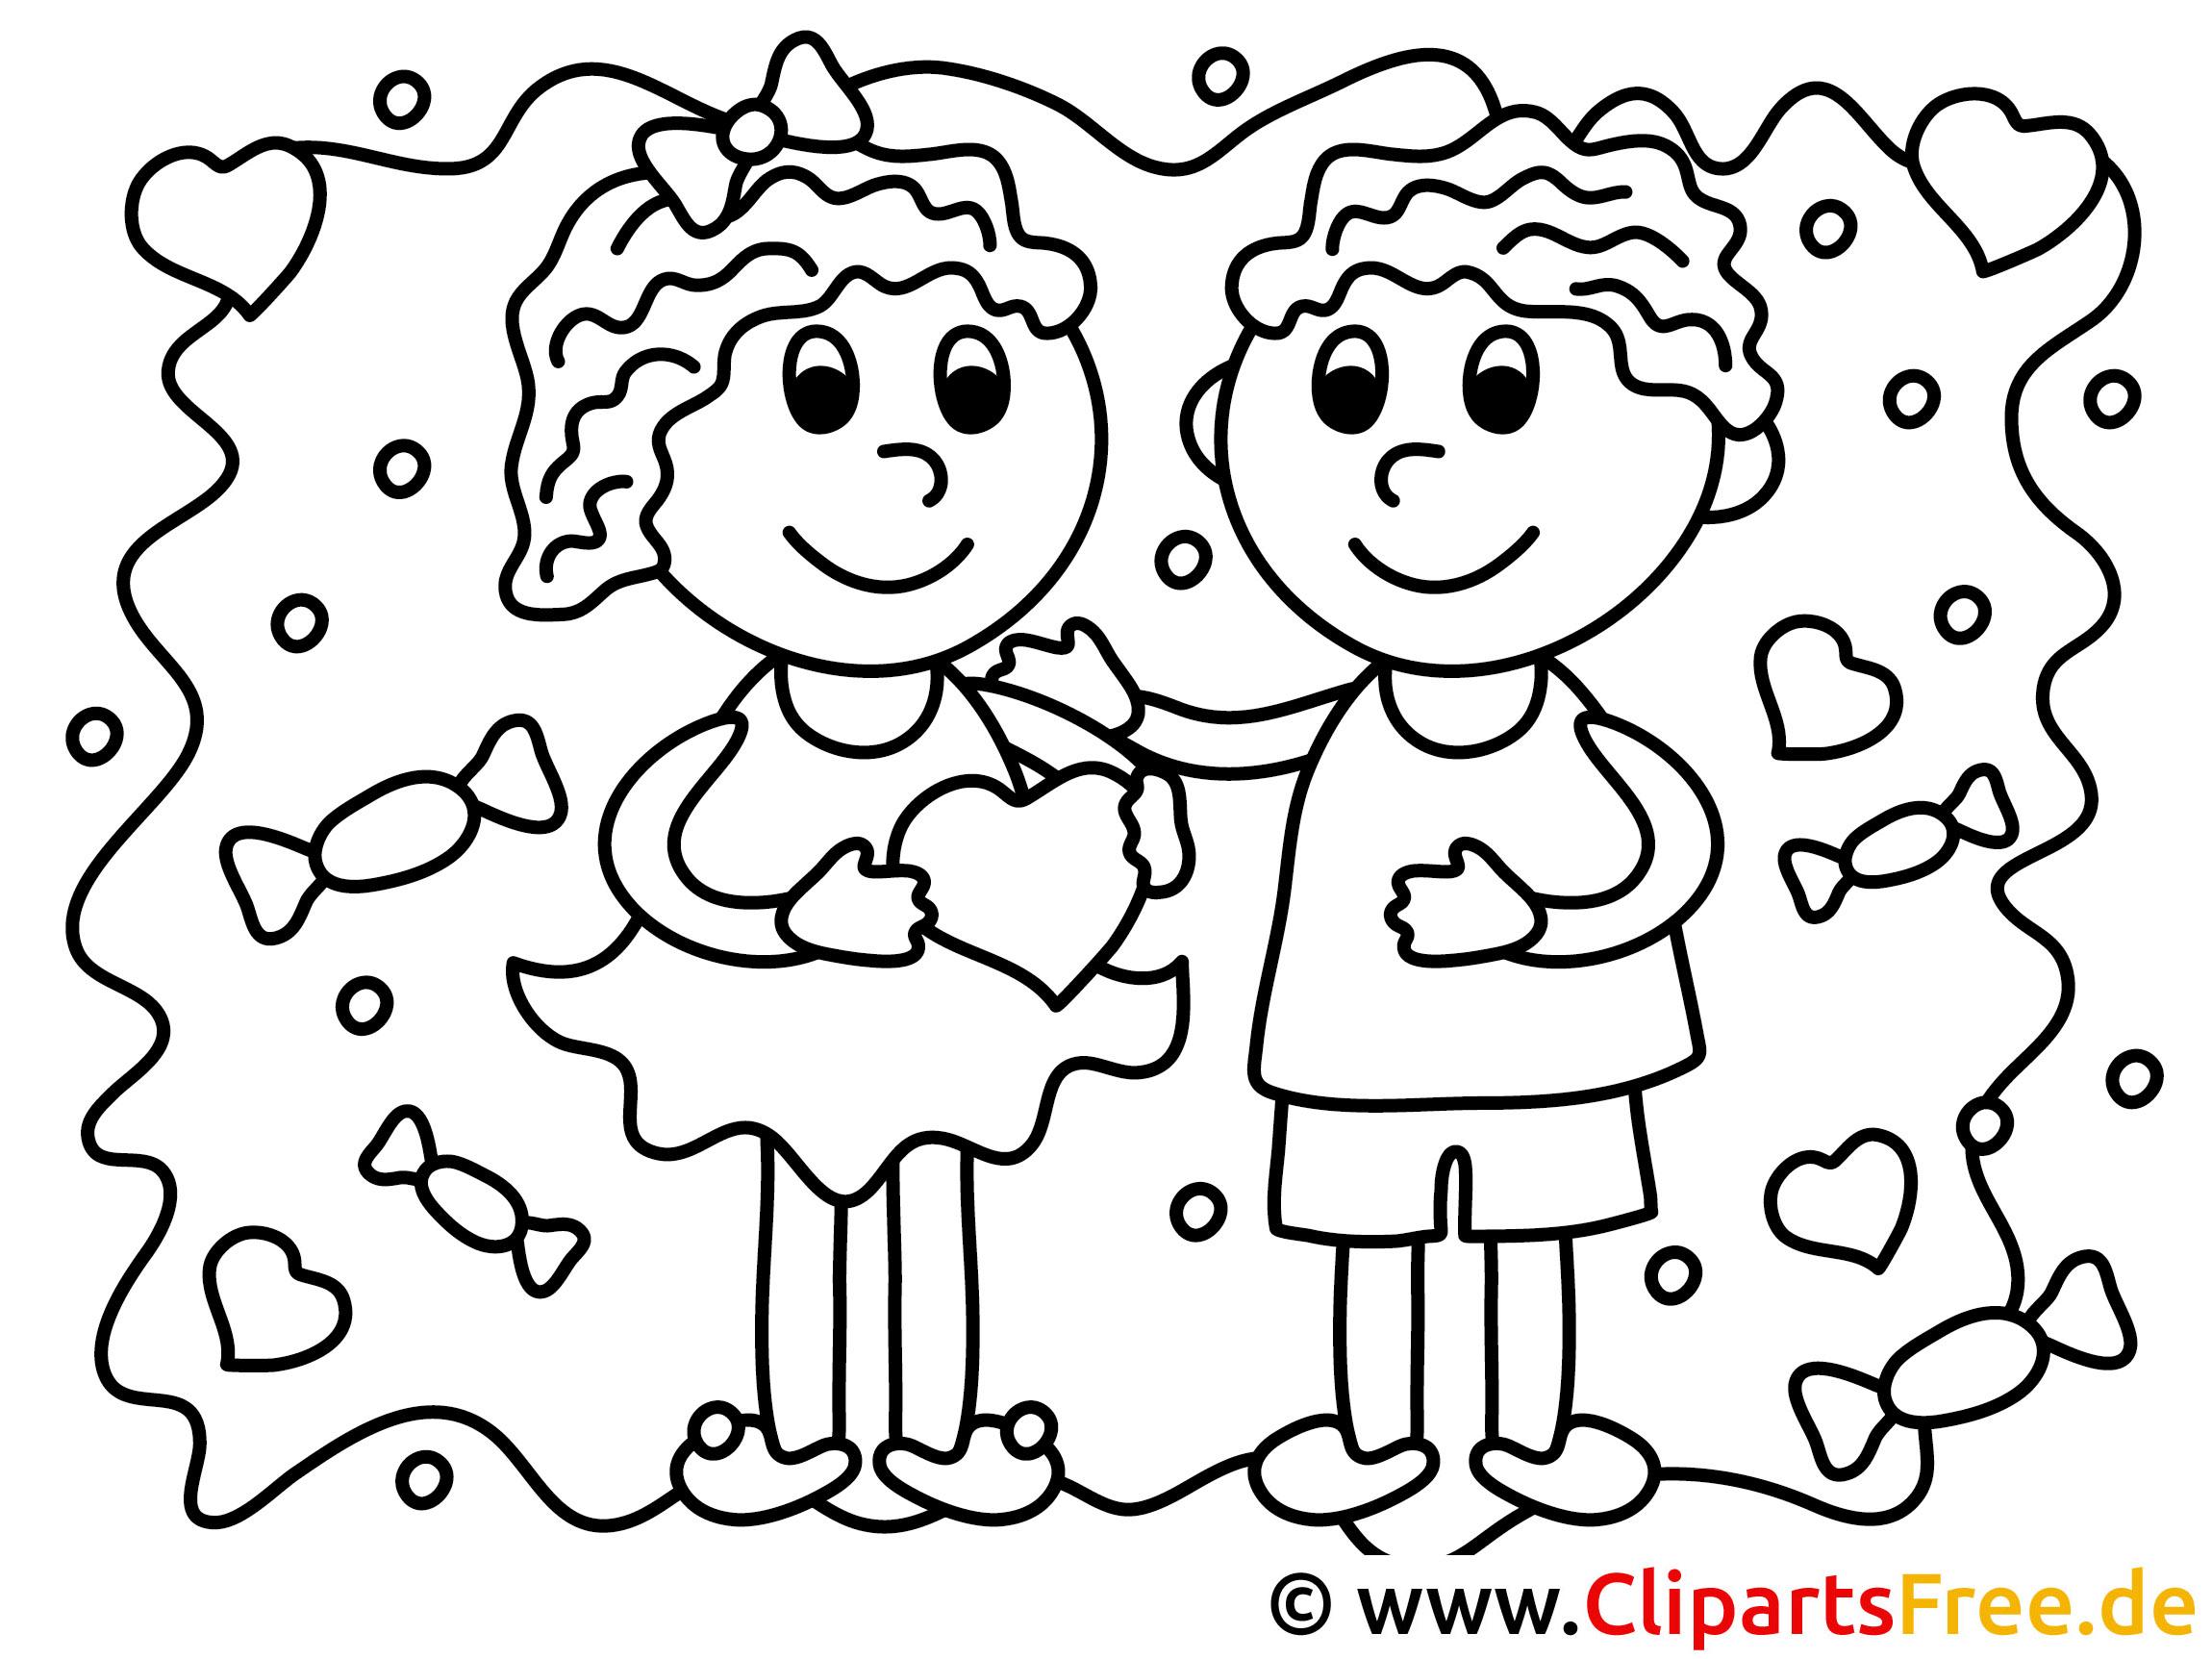 Ziemlich Malvorlagen Des Valentinstags Zeitgenössisch - Malvorlagen ...